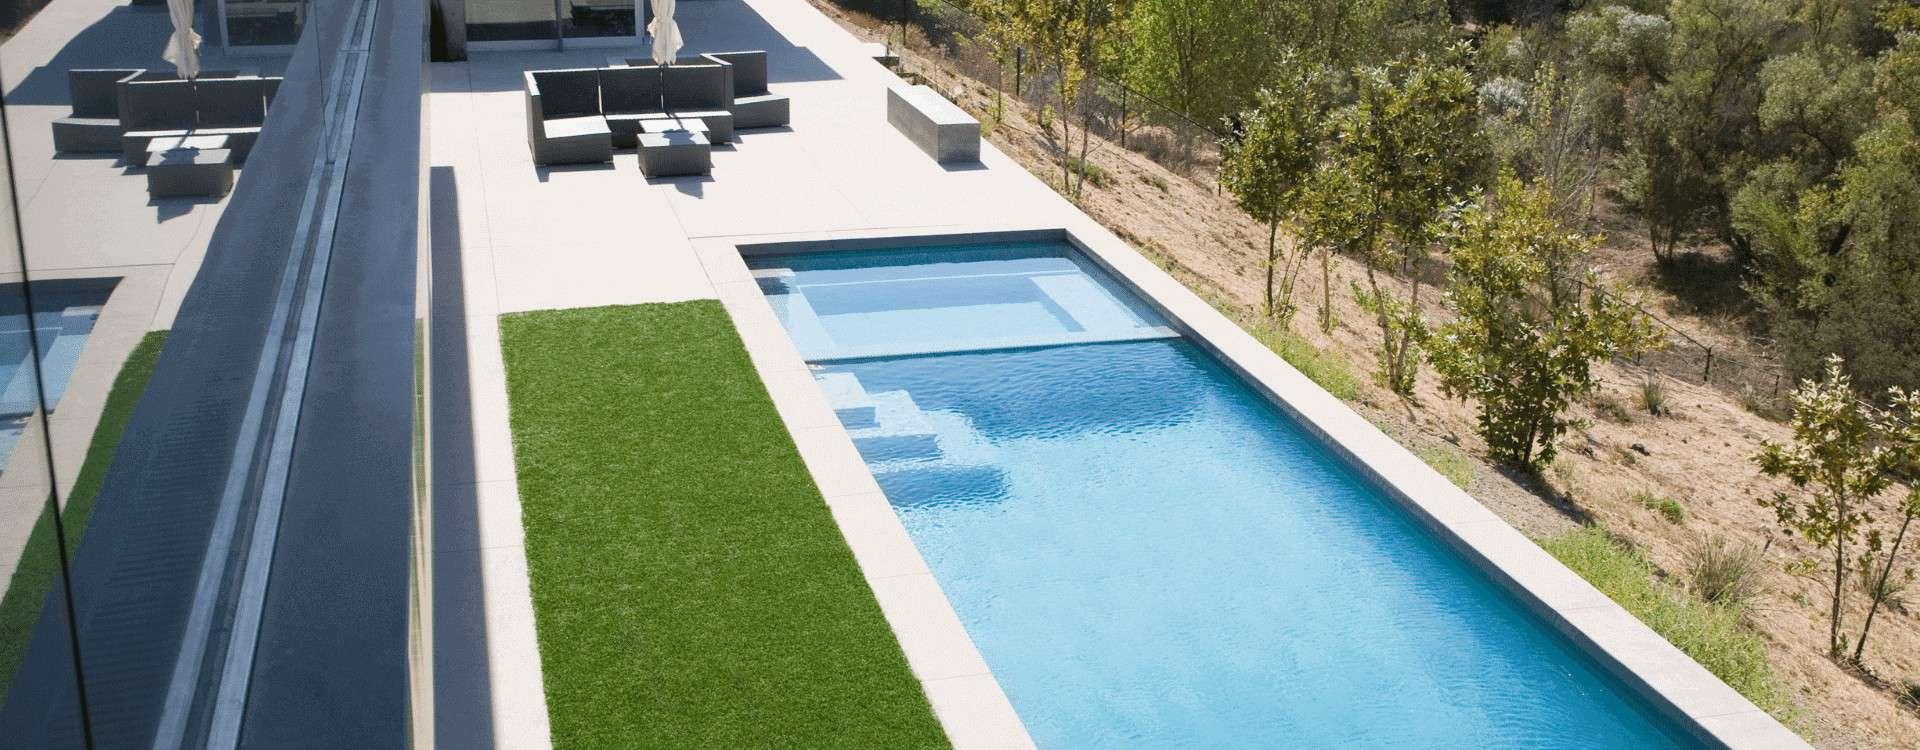 proyectos-de-piscinas-para-realizar